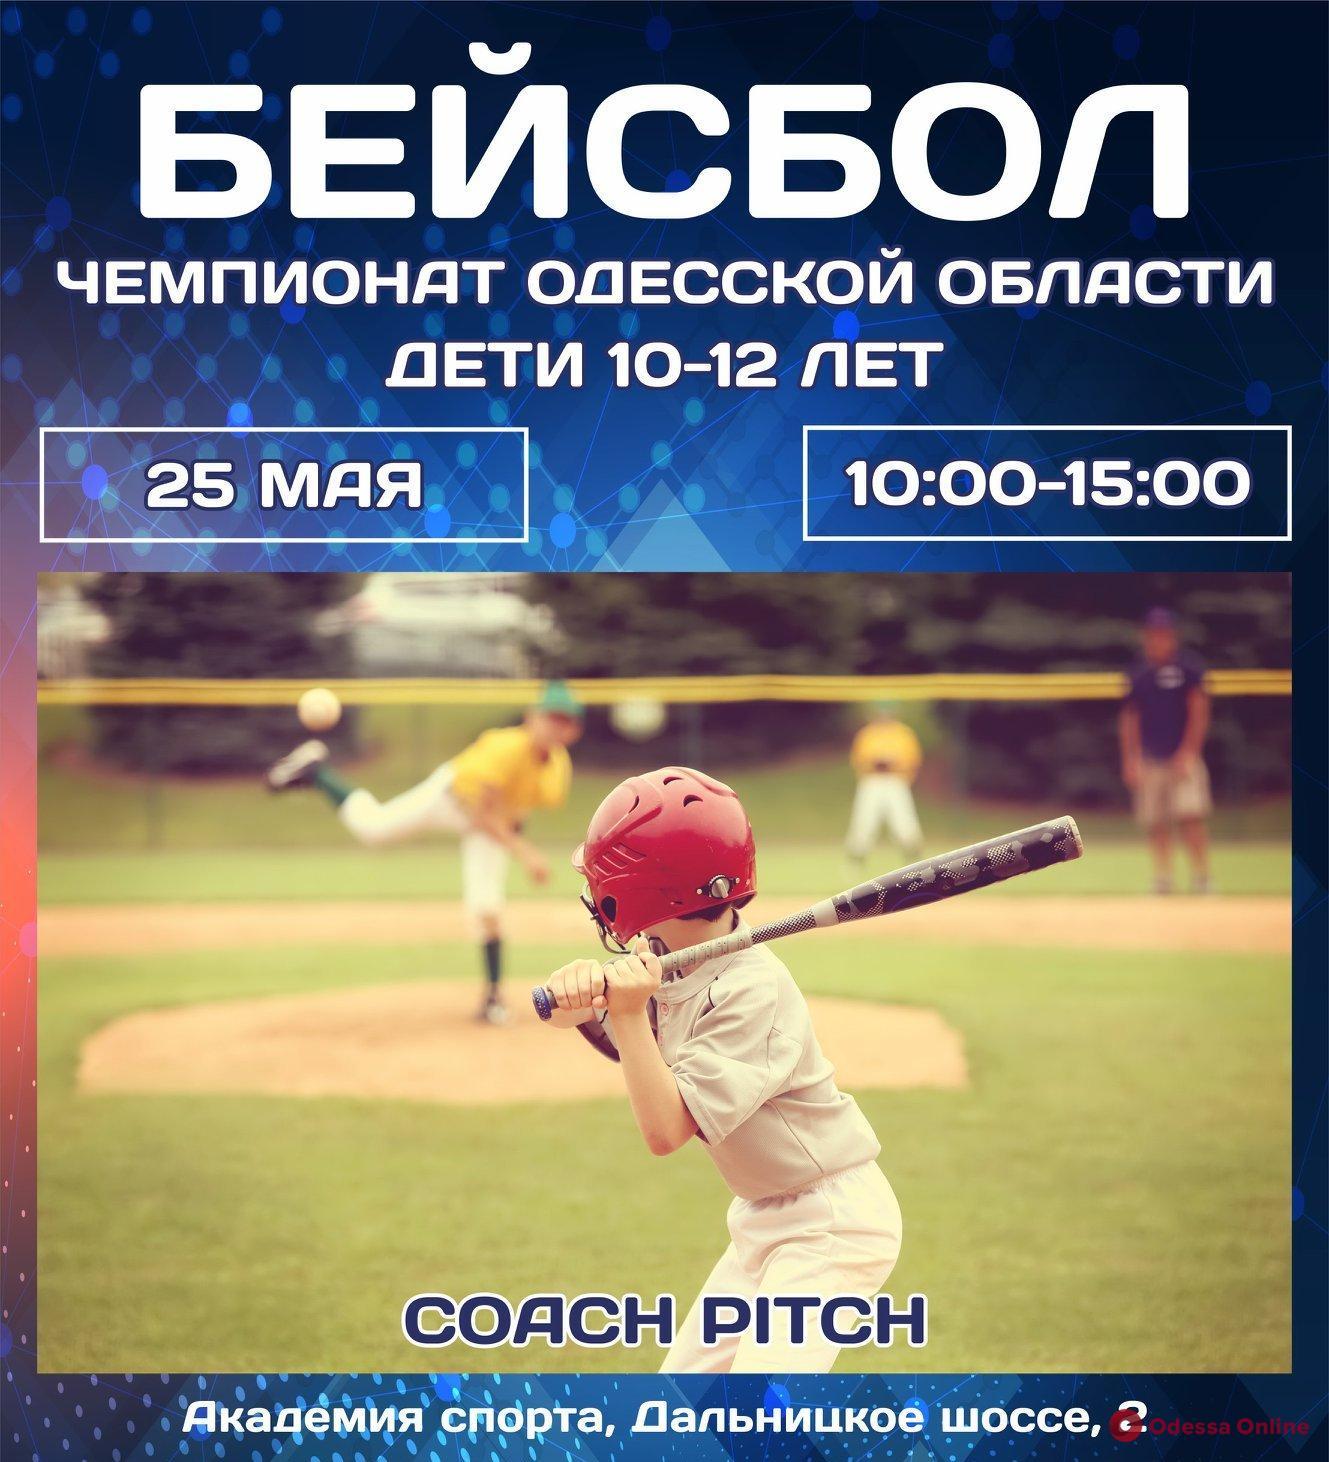 В Одессе пройдет финал чемпионата области по бейсболу